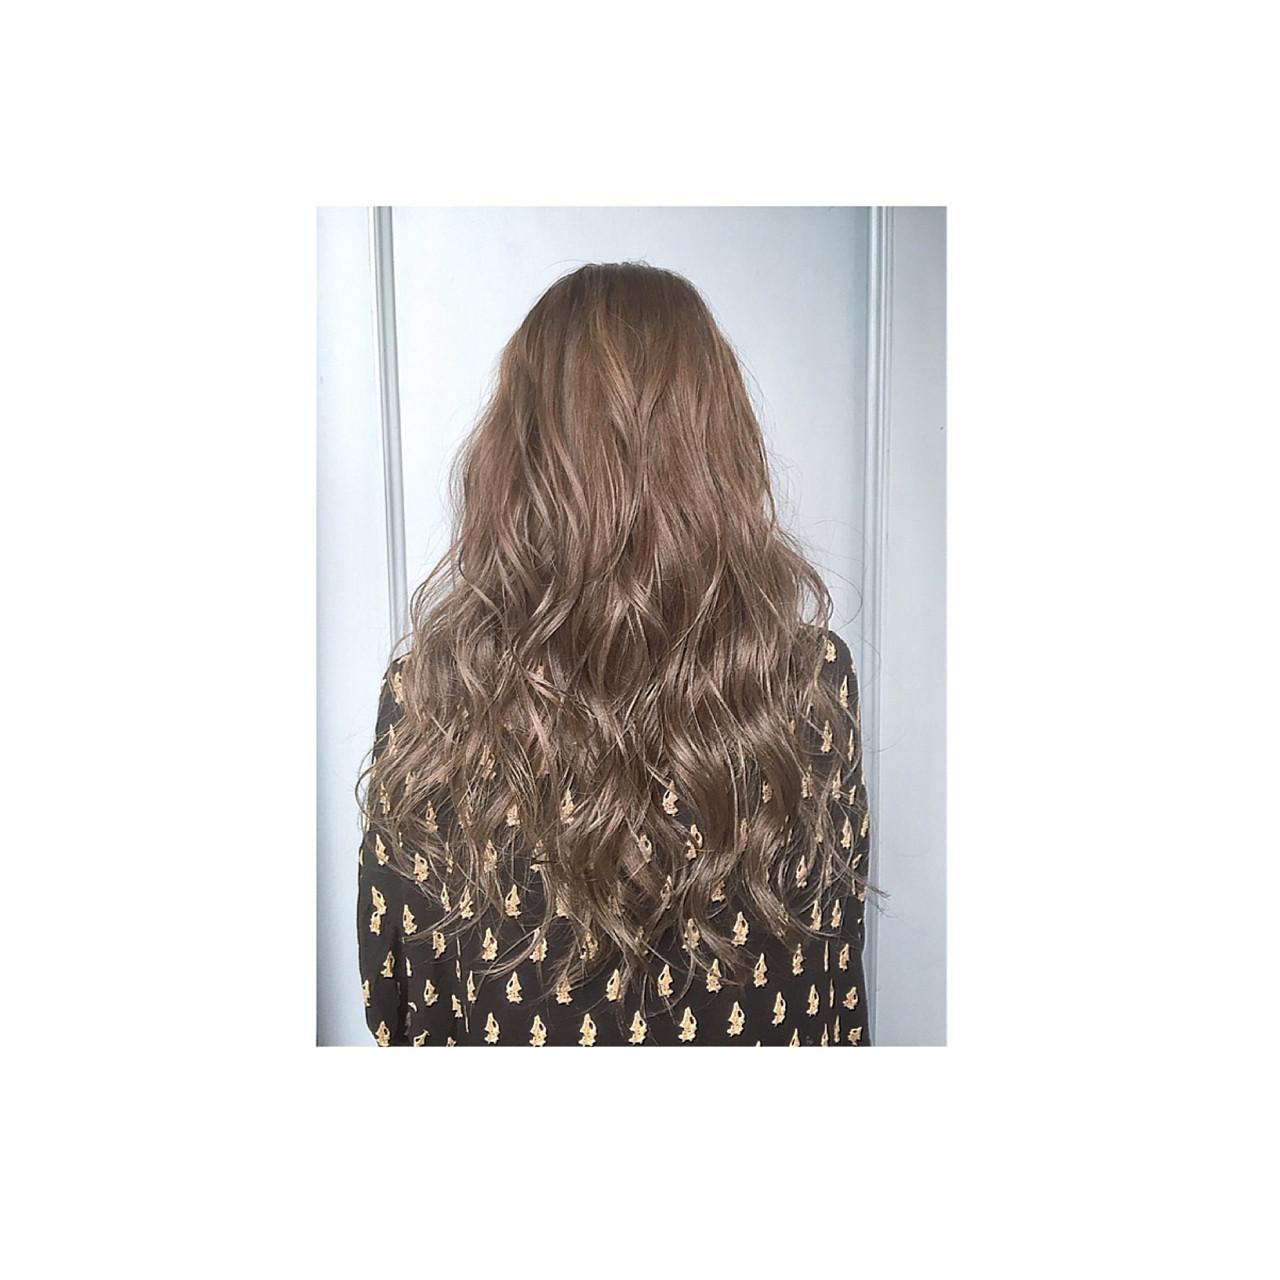 グラデーションカラー アッシュ ハイライト ロング ヘアスタイルや髪型の写真・画像   teddy / grauge hair